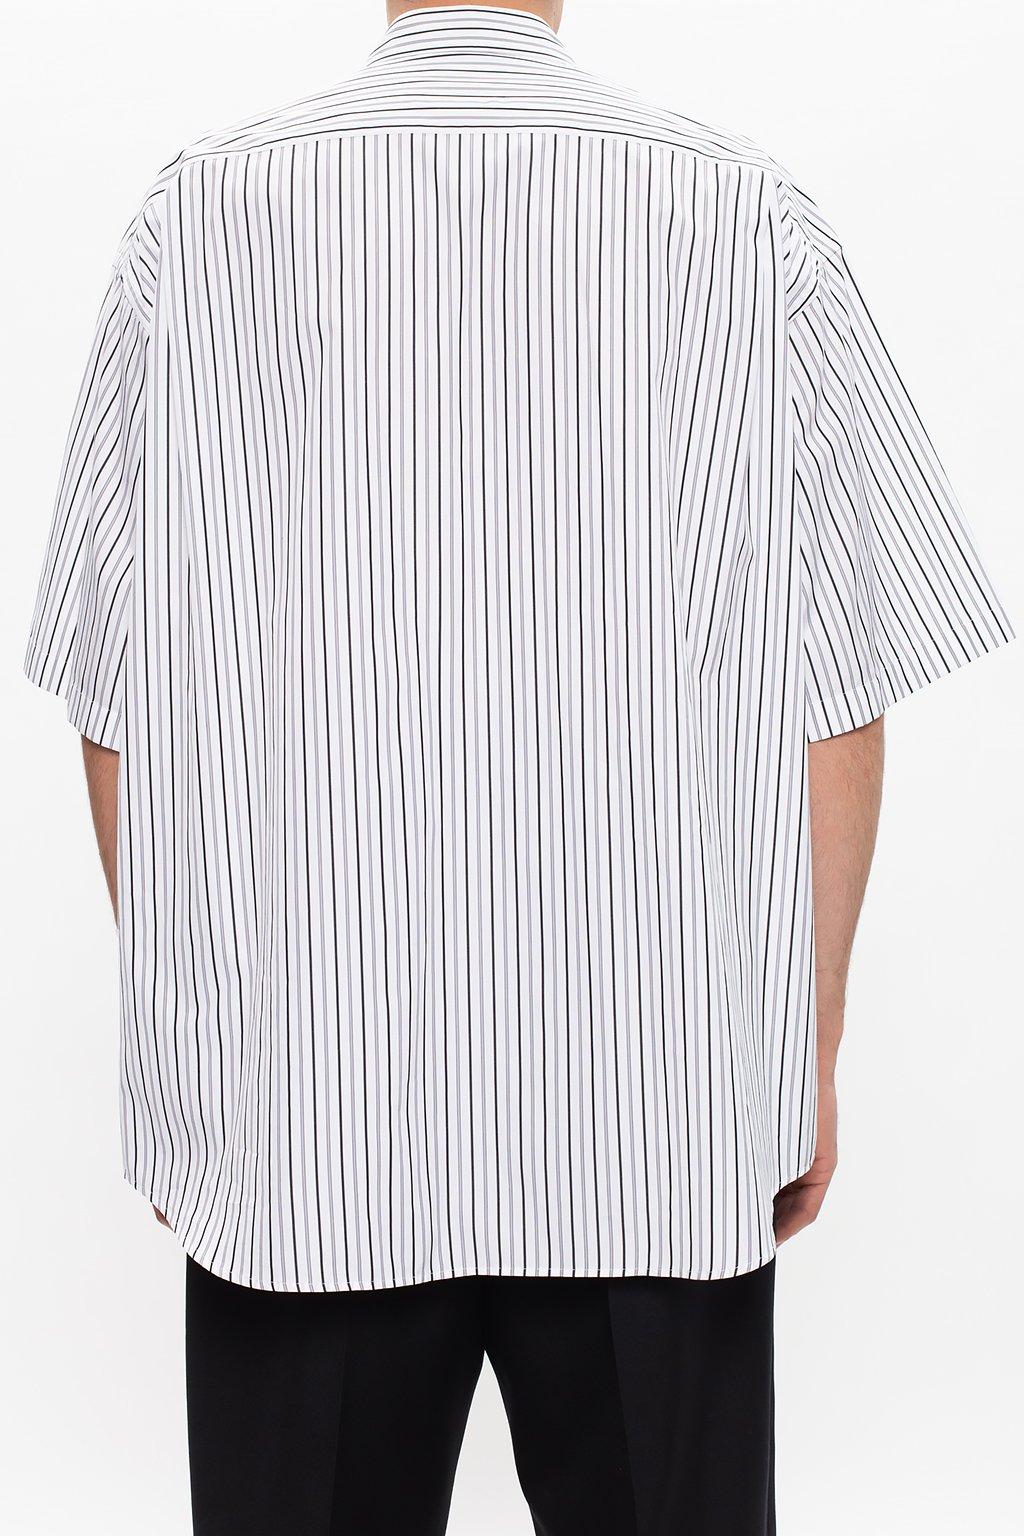 Balenciaga Short-sleeved shirt